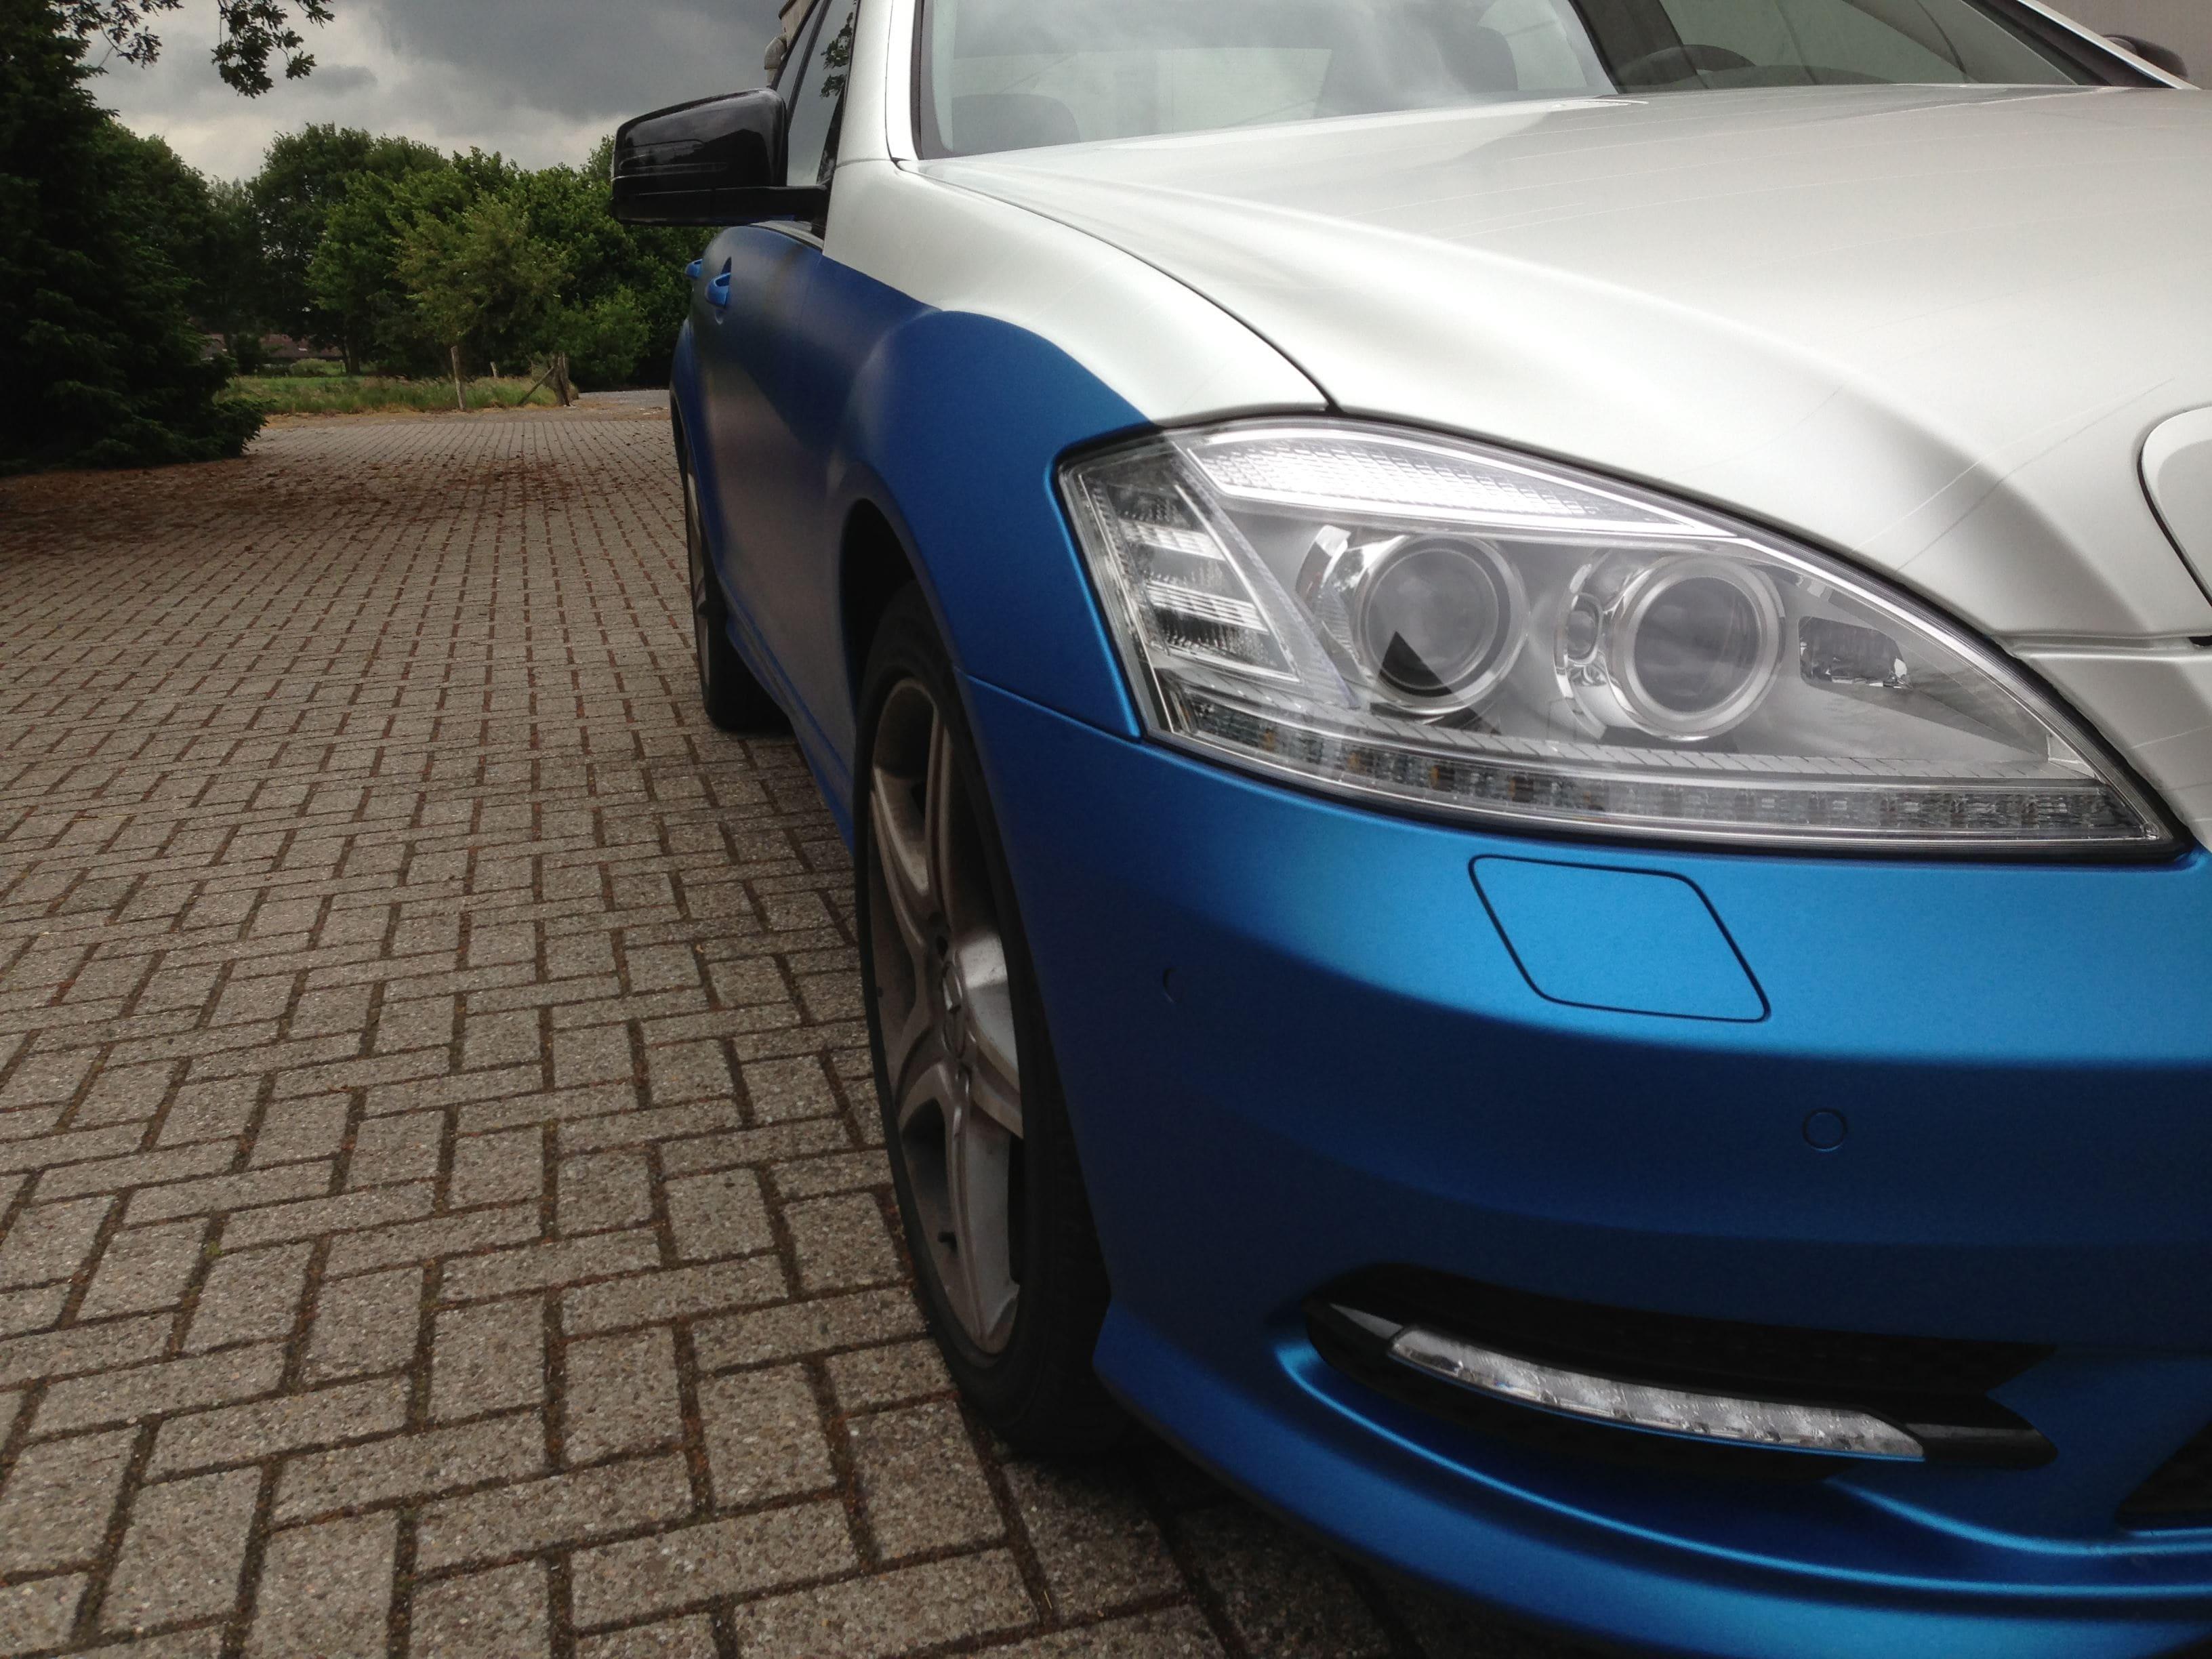 Mercedes S-Klasse AMG met Speciale Modball Wrap, Carwrapping door Wrapmyride.nu Foto-nr:6316, ©2021